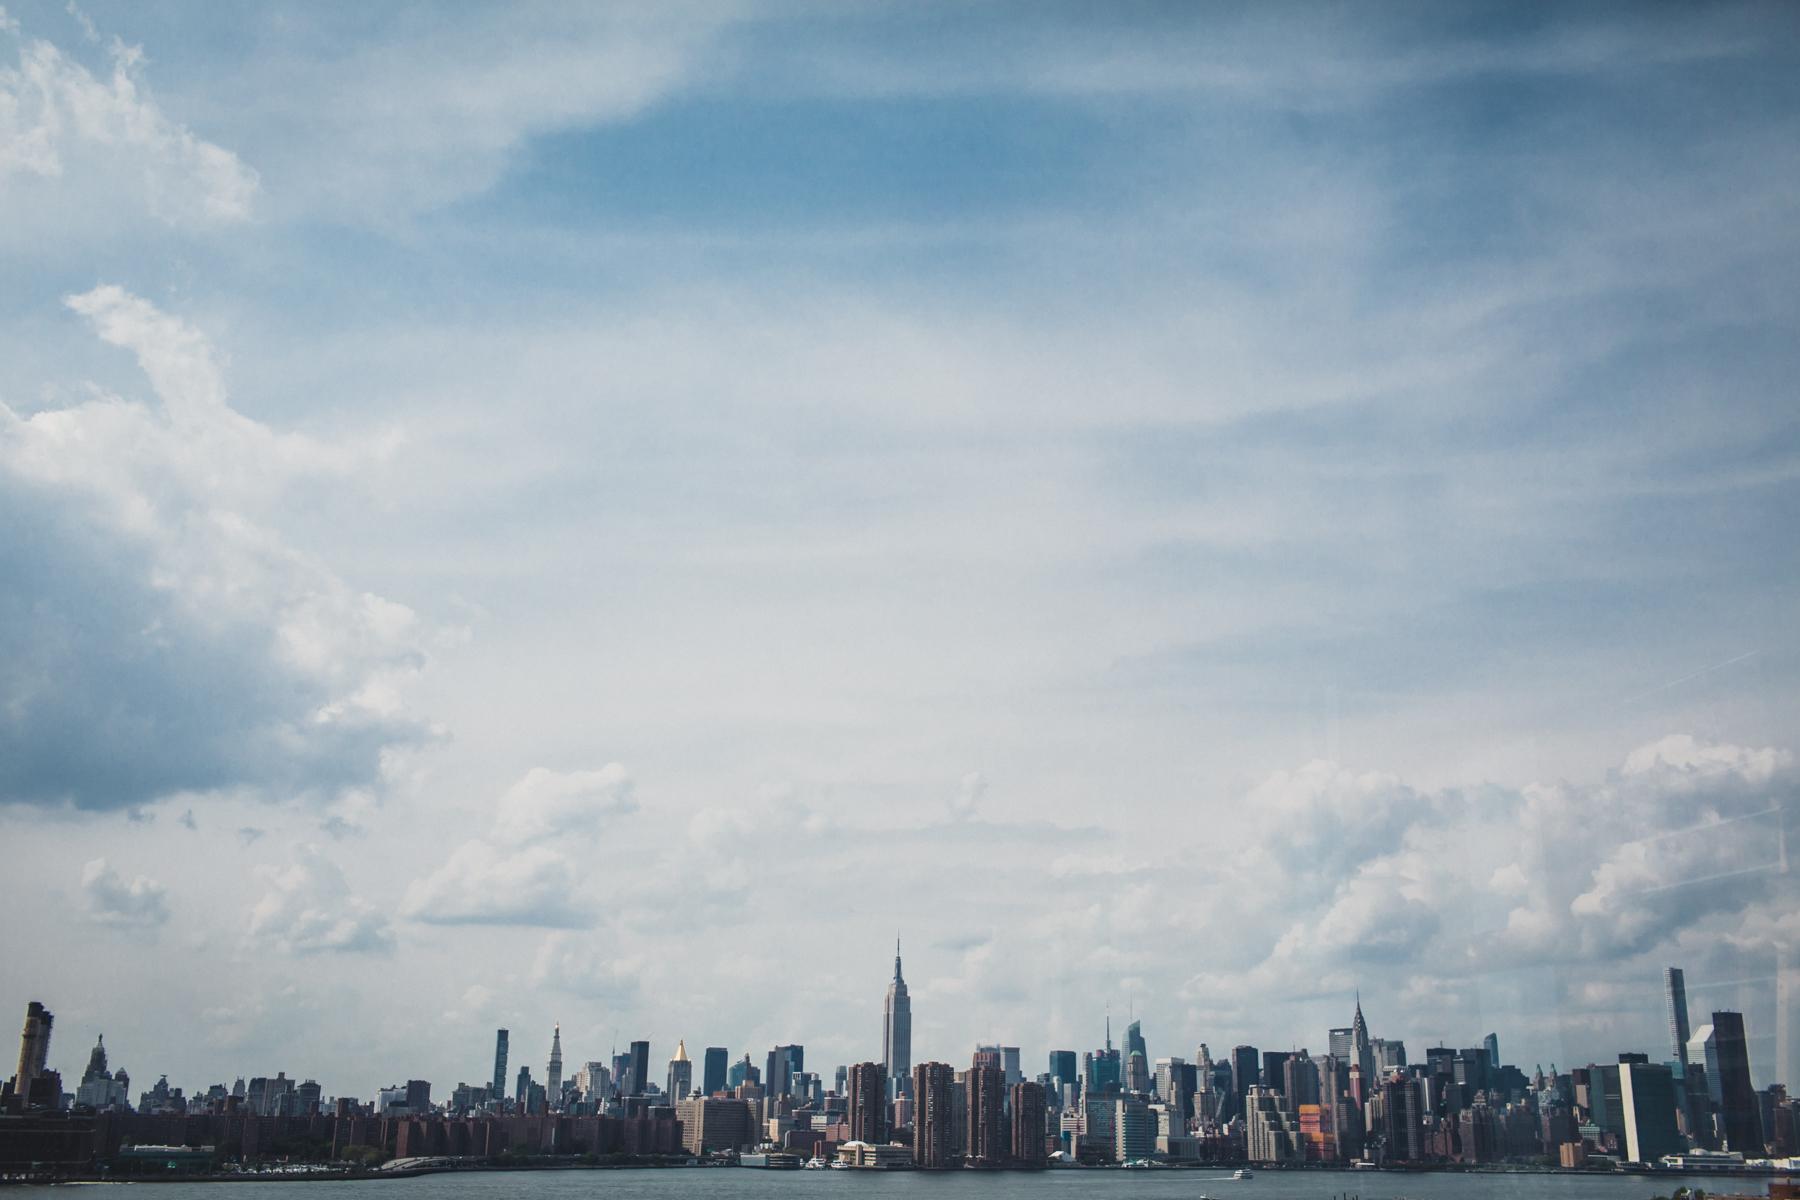 Wythe-Hotel-Green-Building-Brooklyn-Documentary-Wedding-Photography-18.jpg